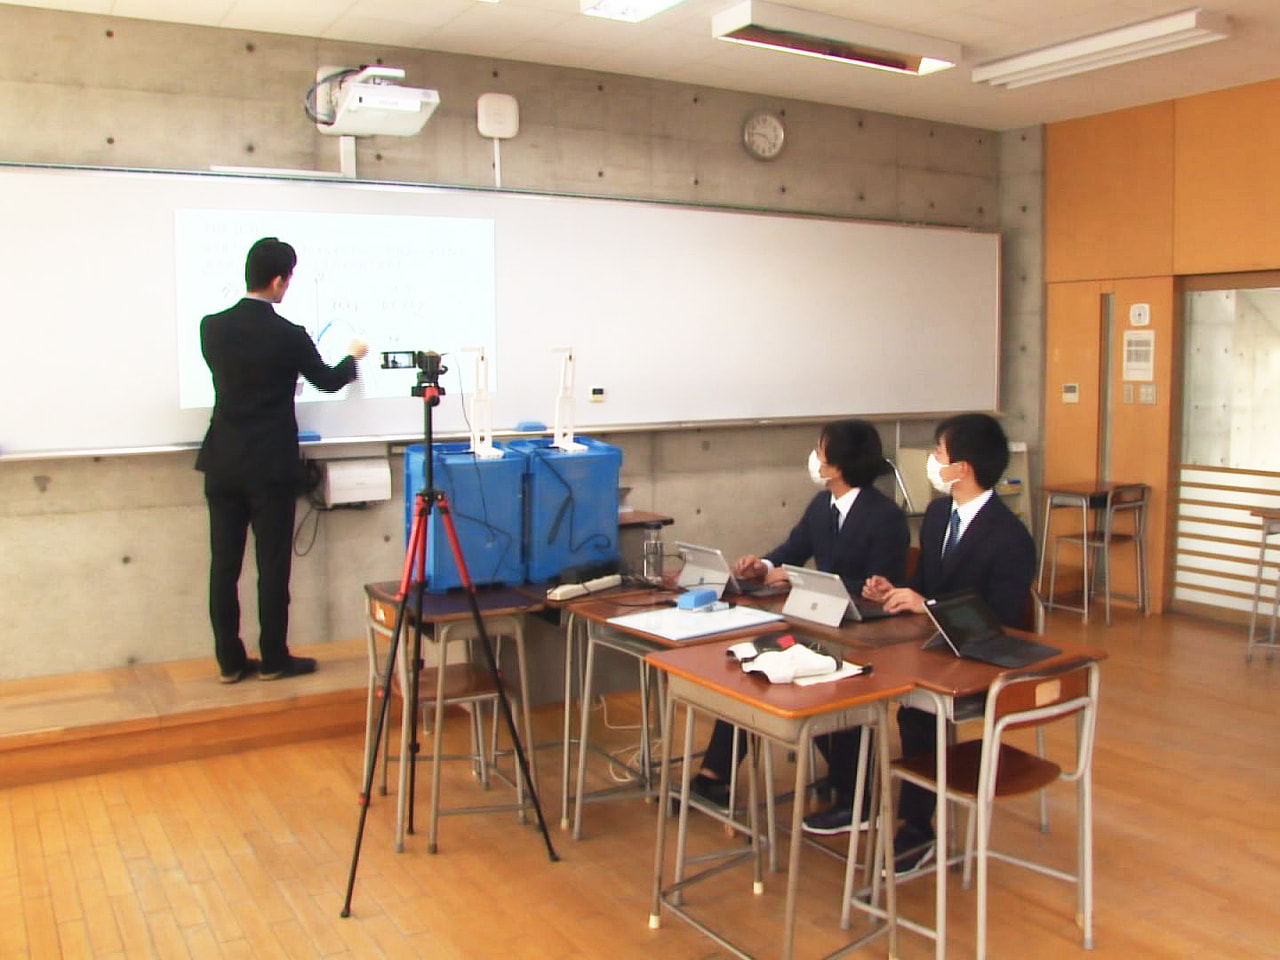 緊急事態宣言の期限を迎える9月13日以降の岐阜県内の高校の対応について、岐阜県教...